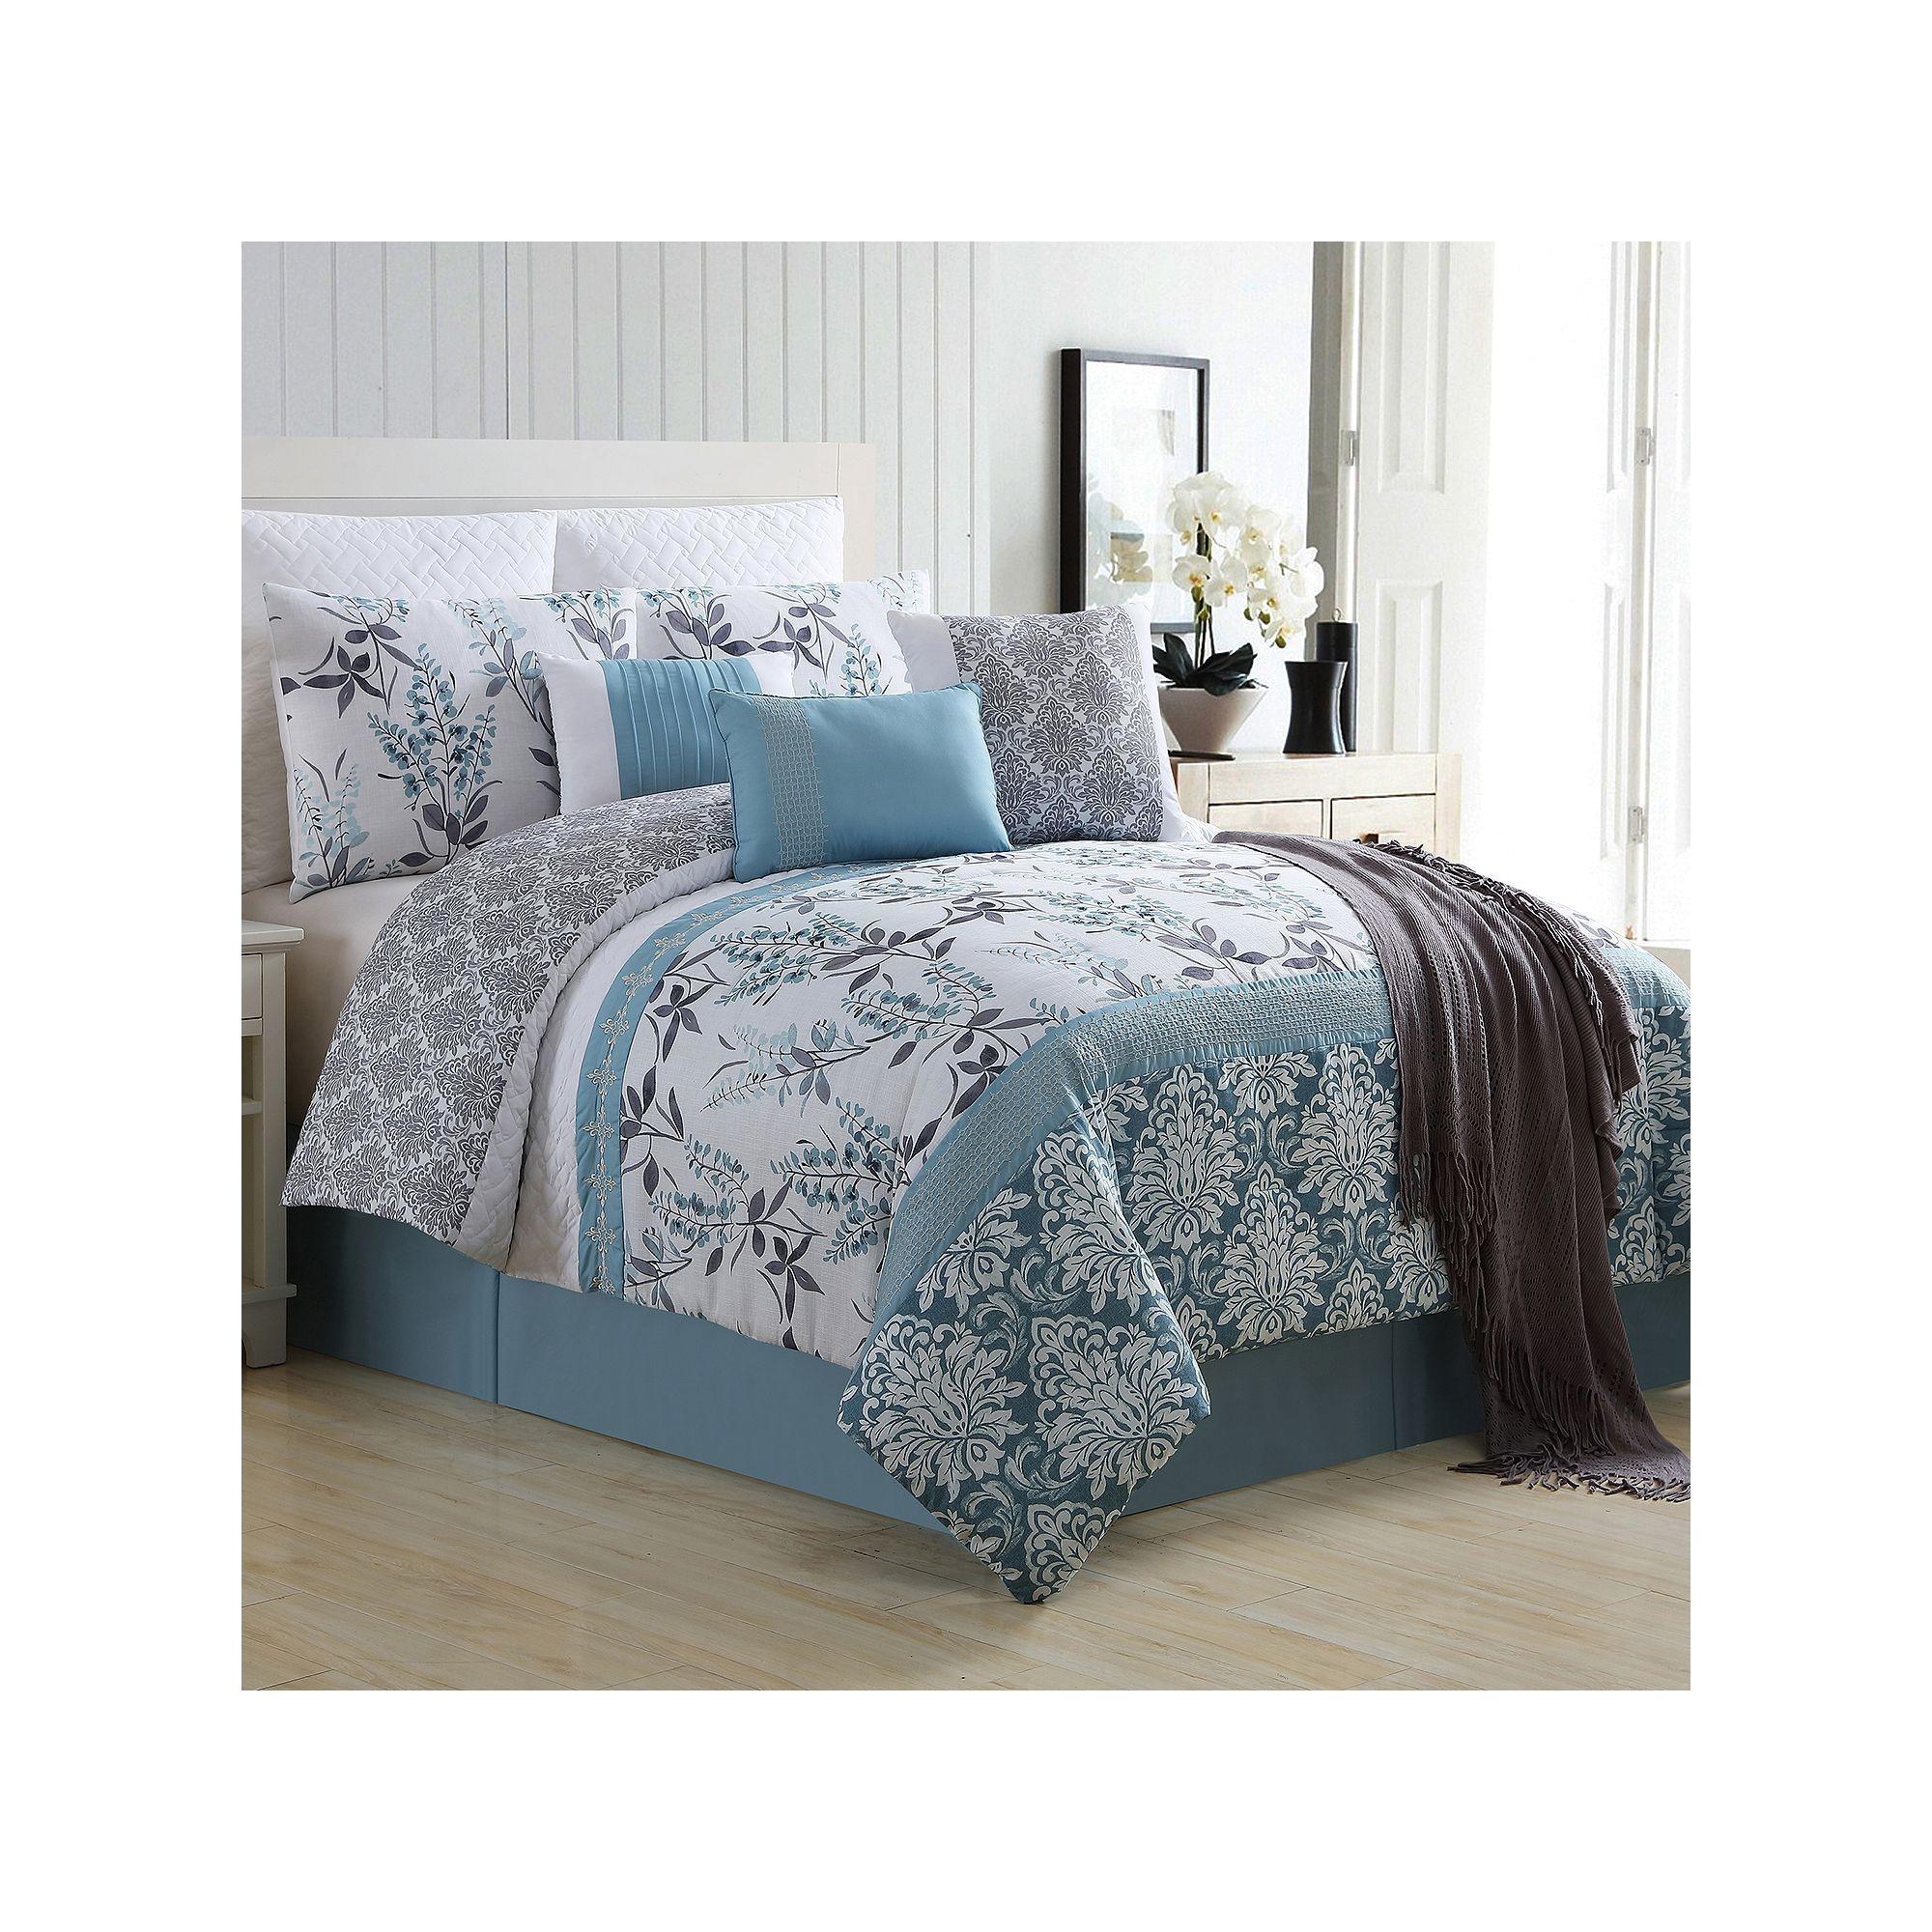 vcny 10 piece ashley comforter set